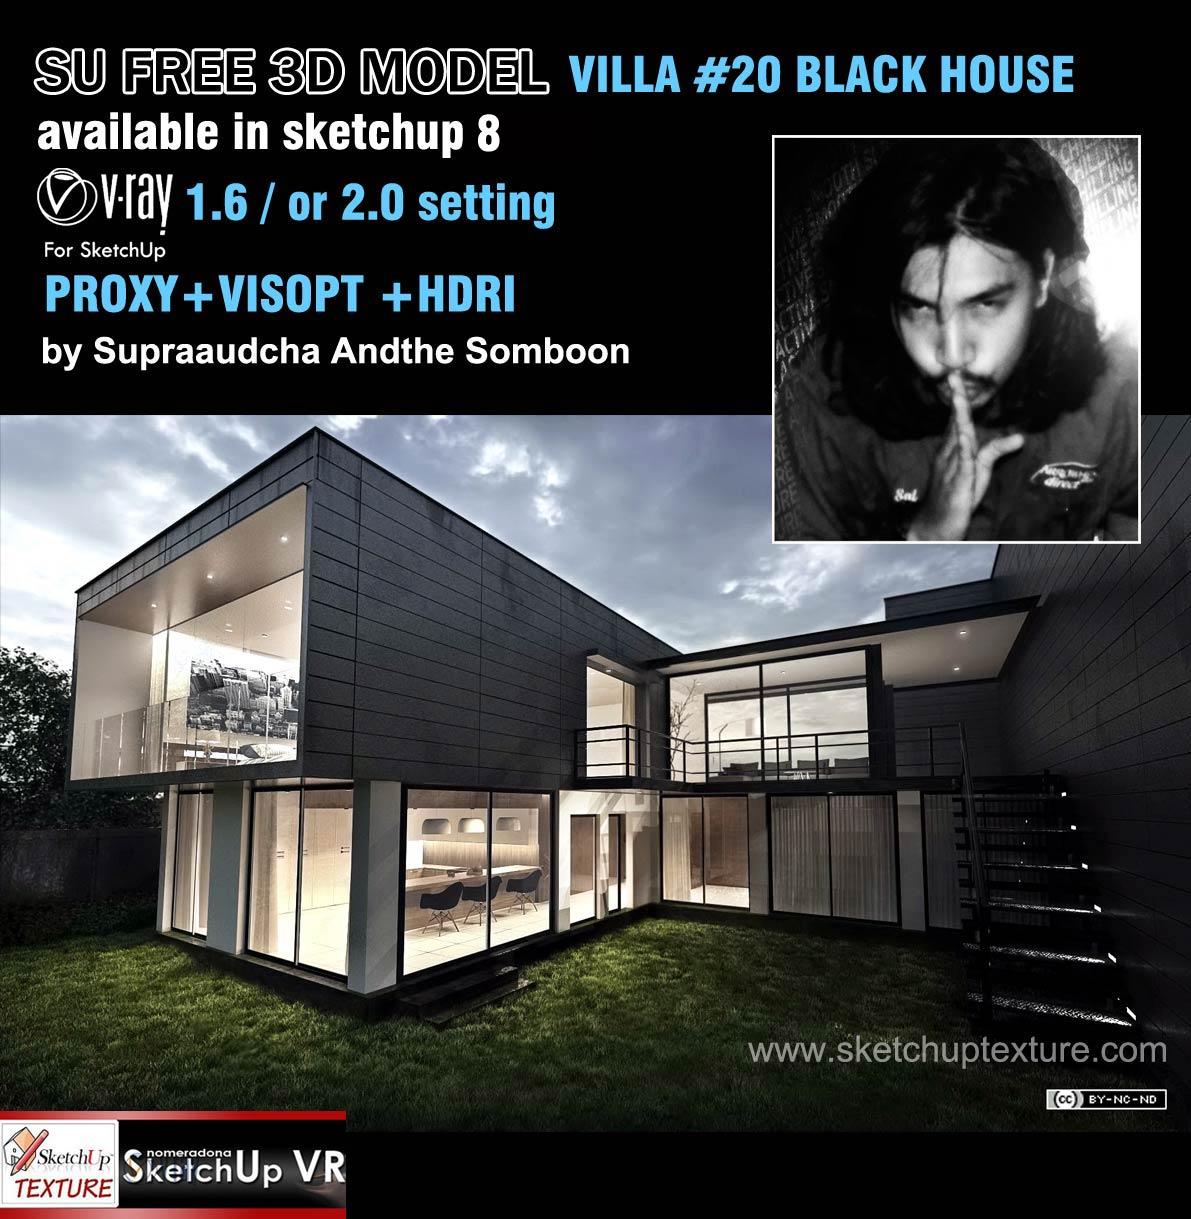 3d Home Design Deluxe 6 Free Download: Free Sketcup Model, Vray Setting , Hdri, Proxy, Villa #20